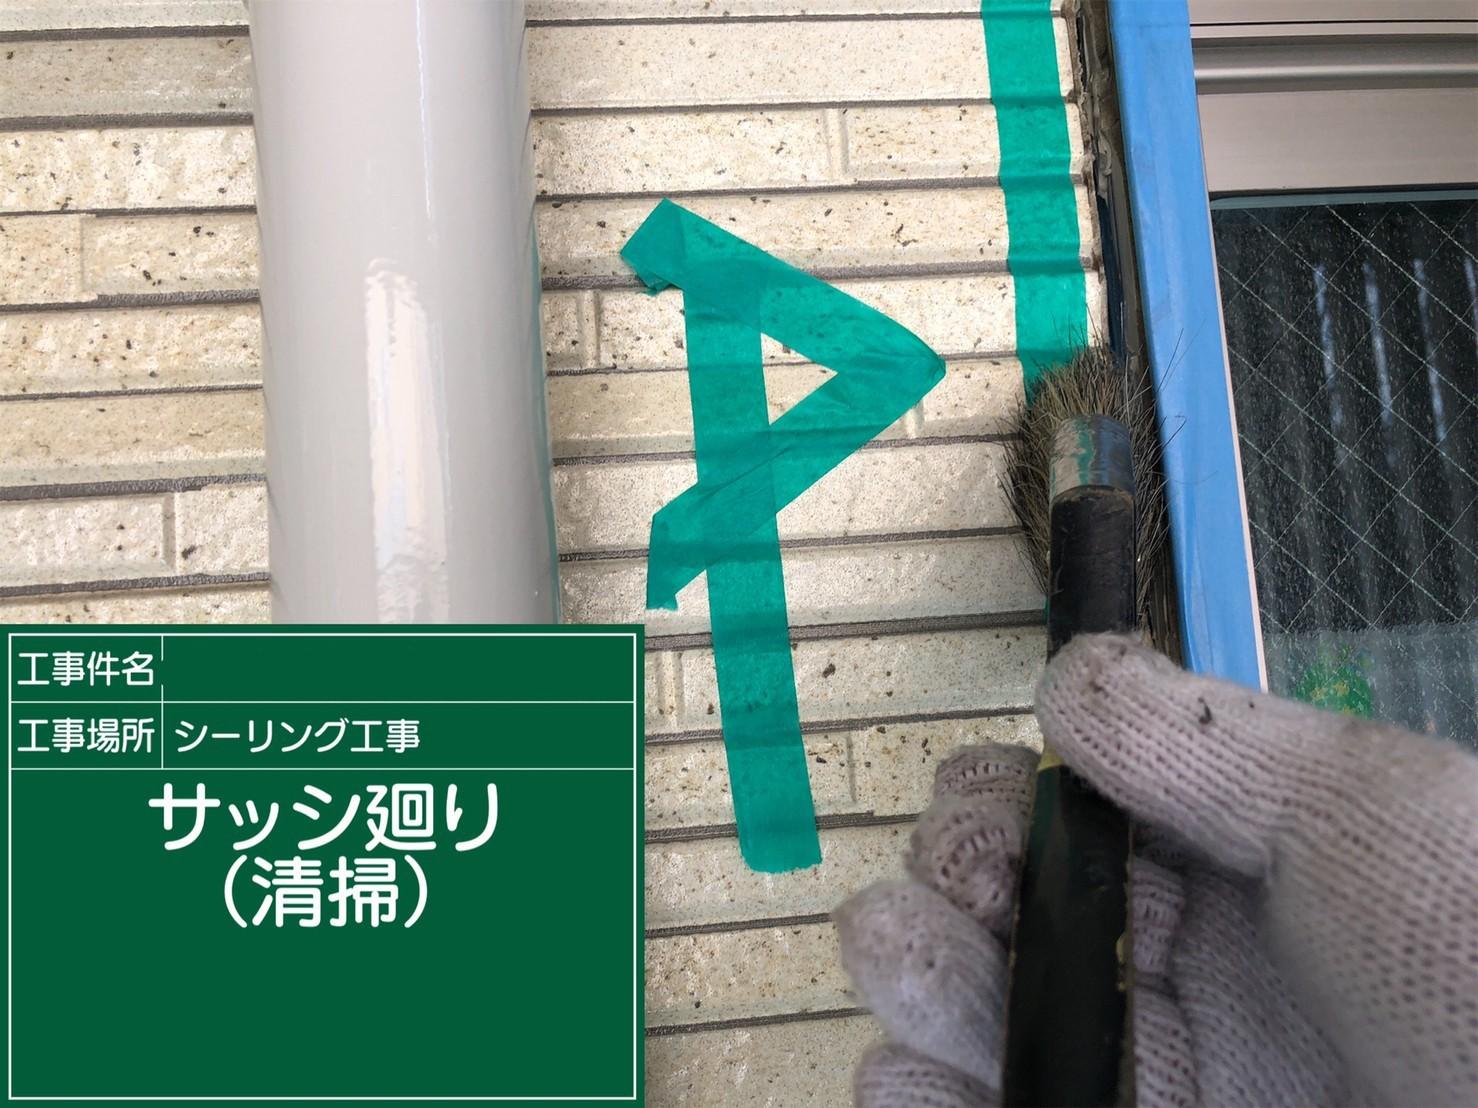 【サッシ廻り】①清掃